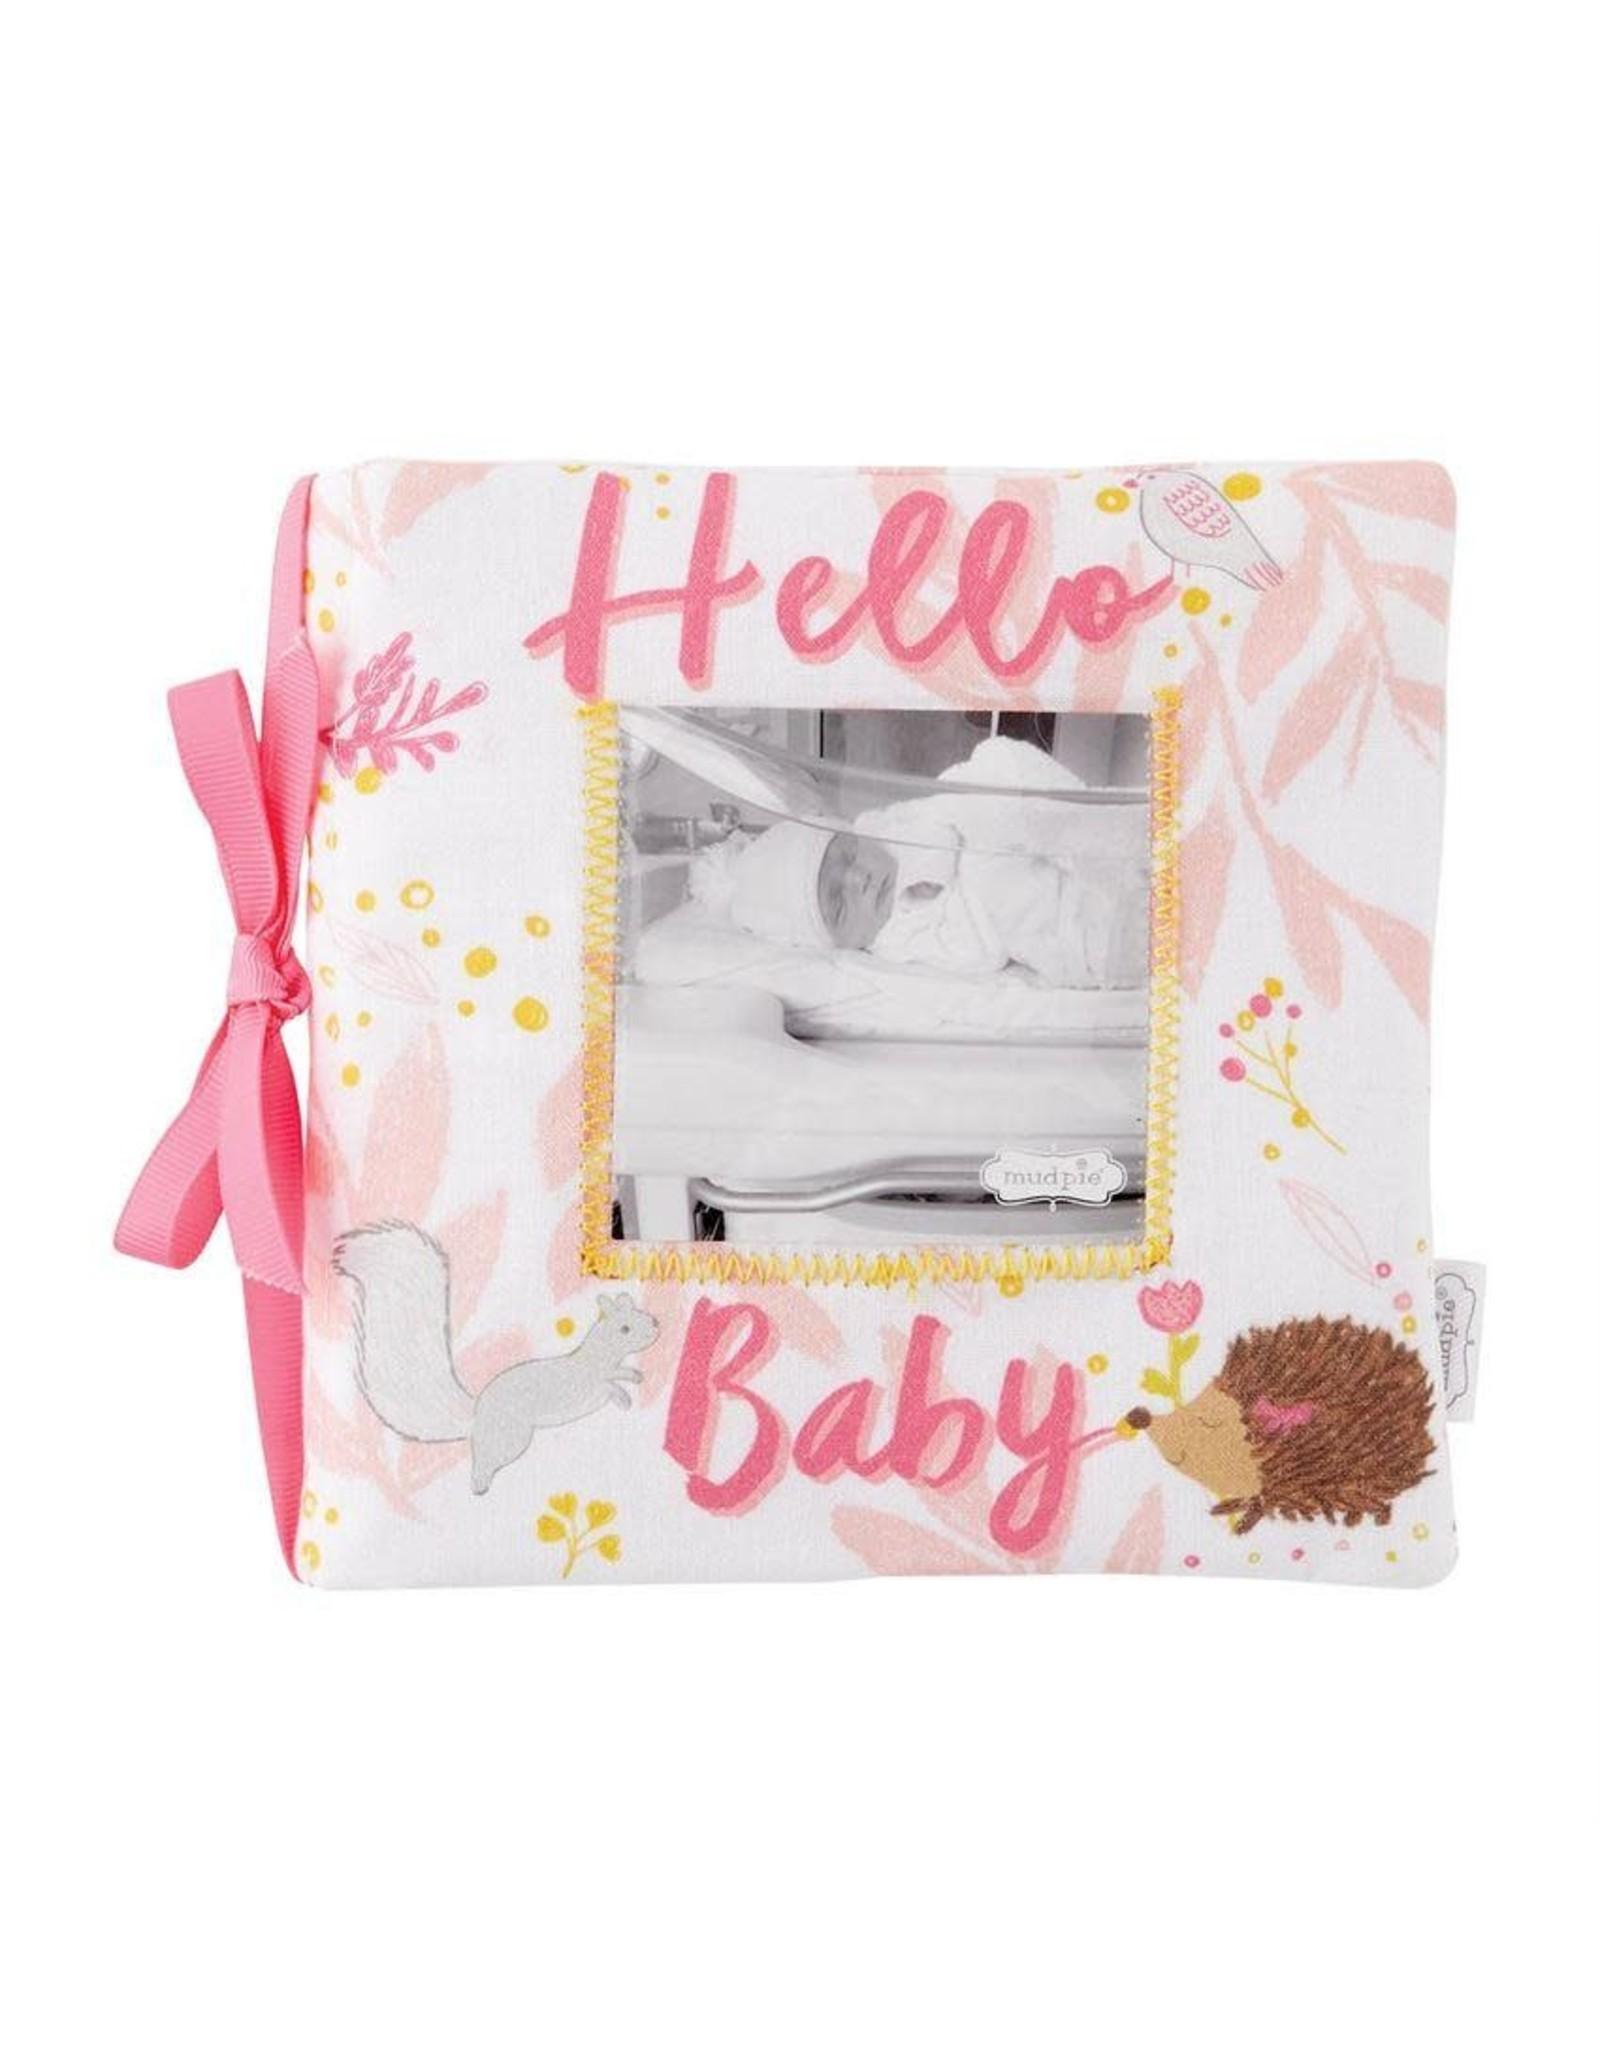 Hello Baby Girl Photo Book